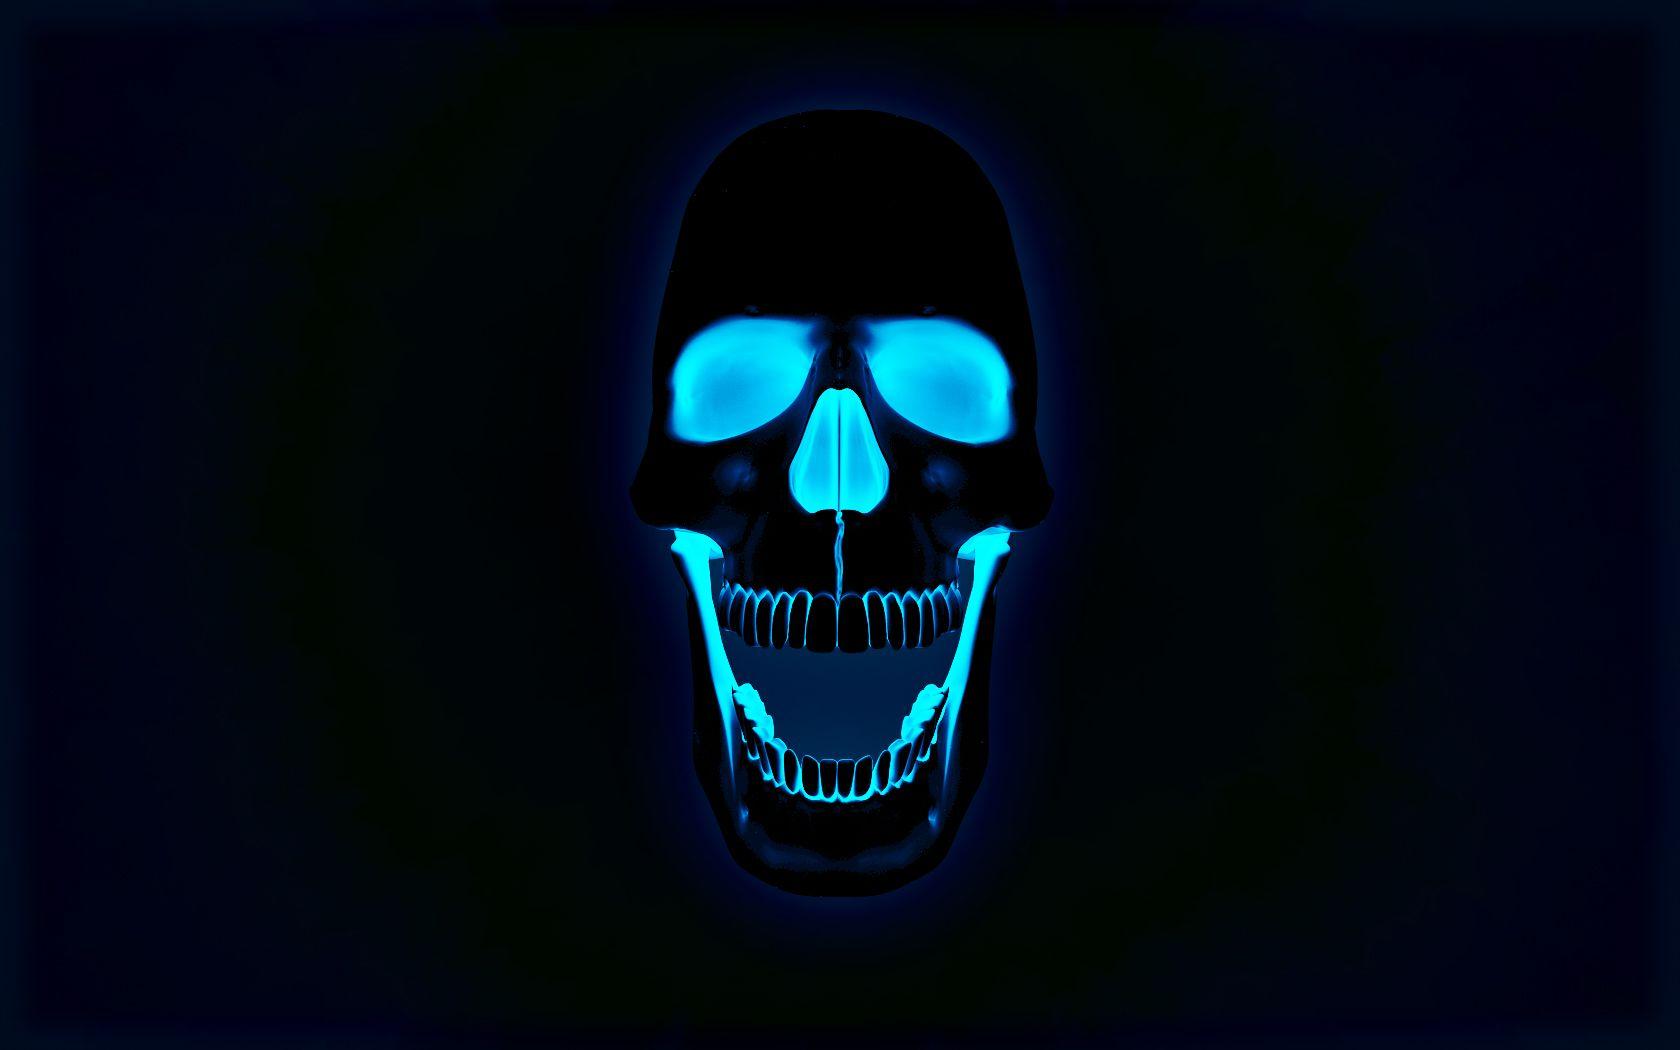 download skull wallpaper hd